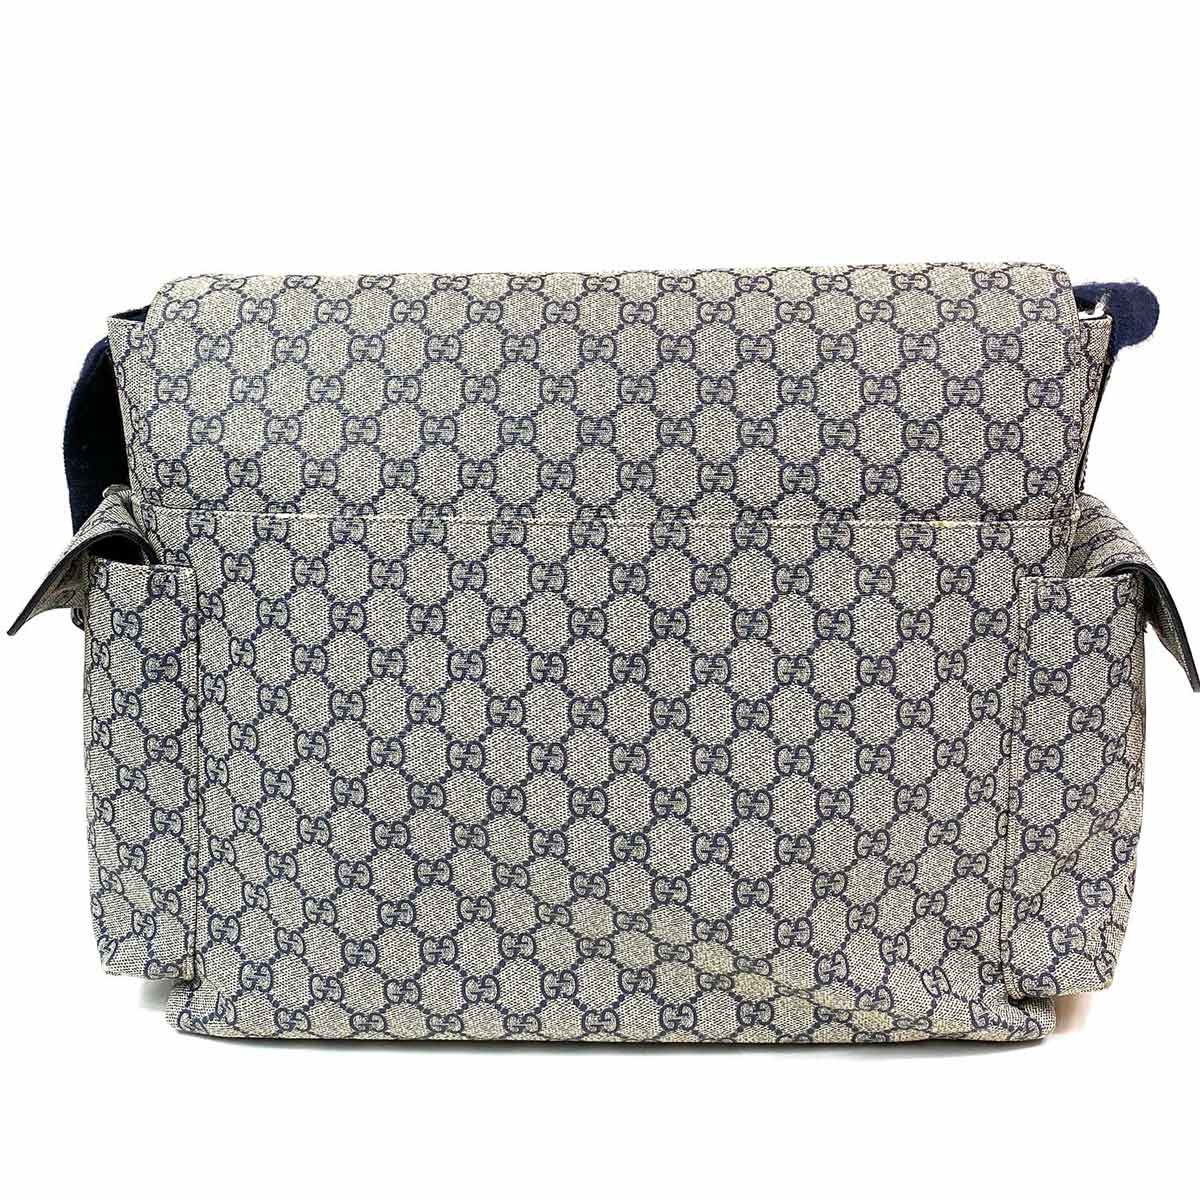 Bolsa Gucci Diaper Bag GG Marinho